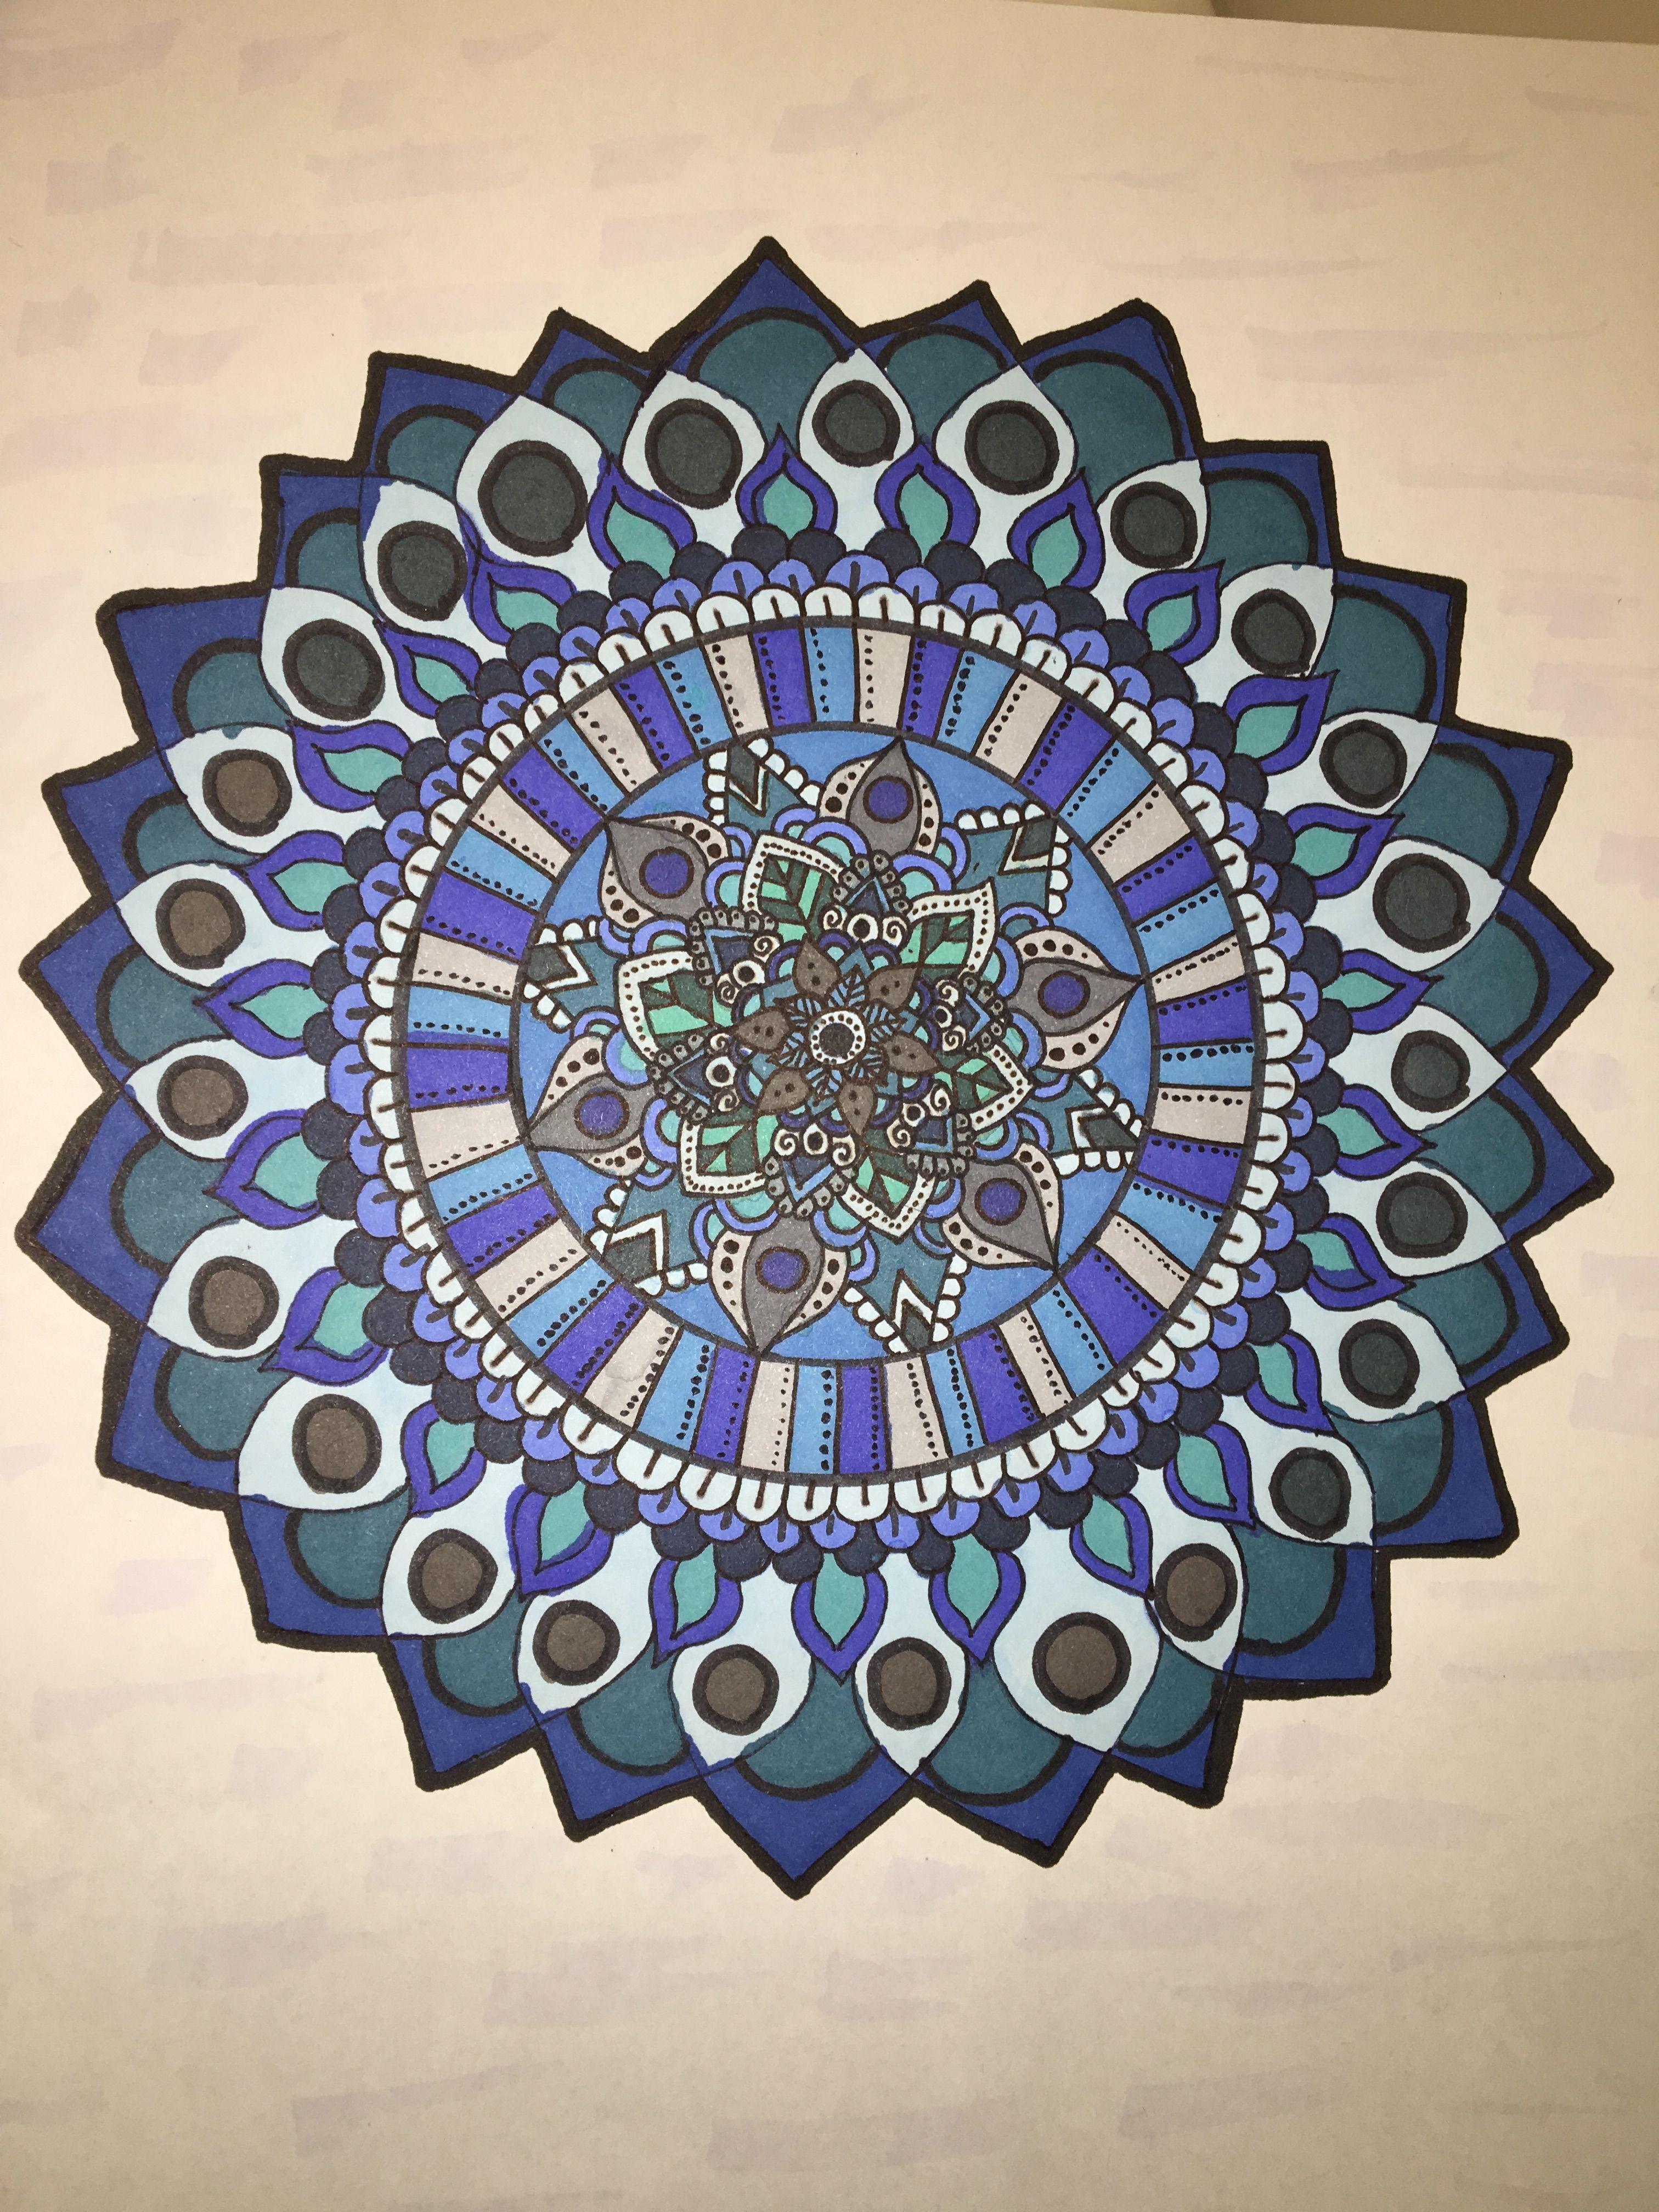 3024x4032 Easy Mandala Drawing Drawings Mandala Drawing